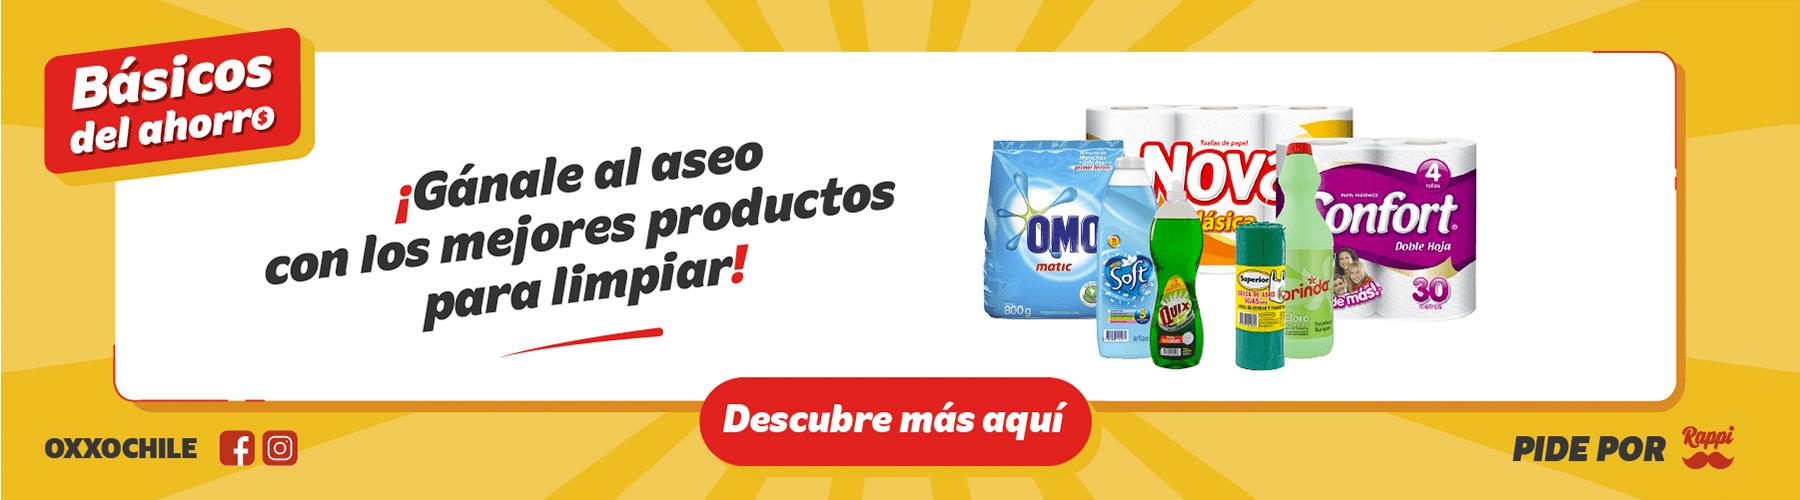 OXXO Chile Básicos P12 2020